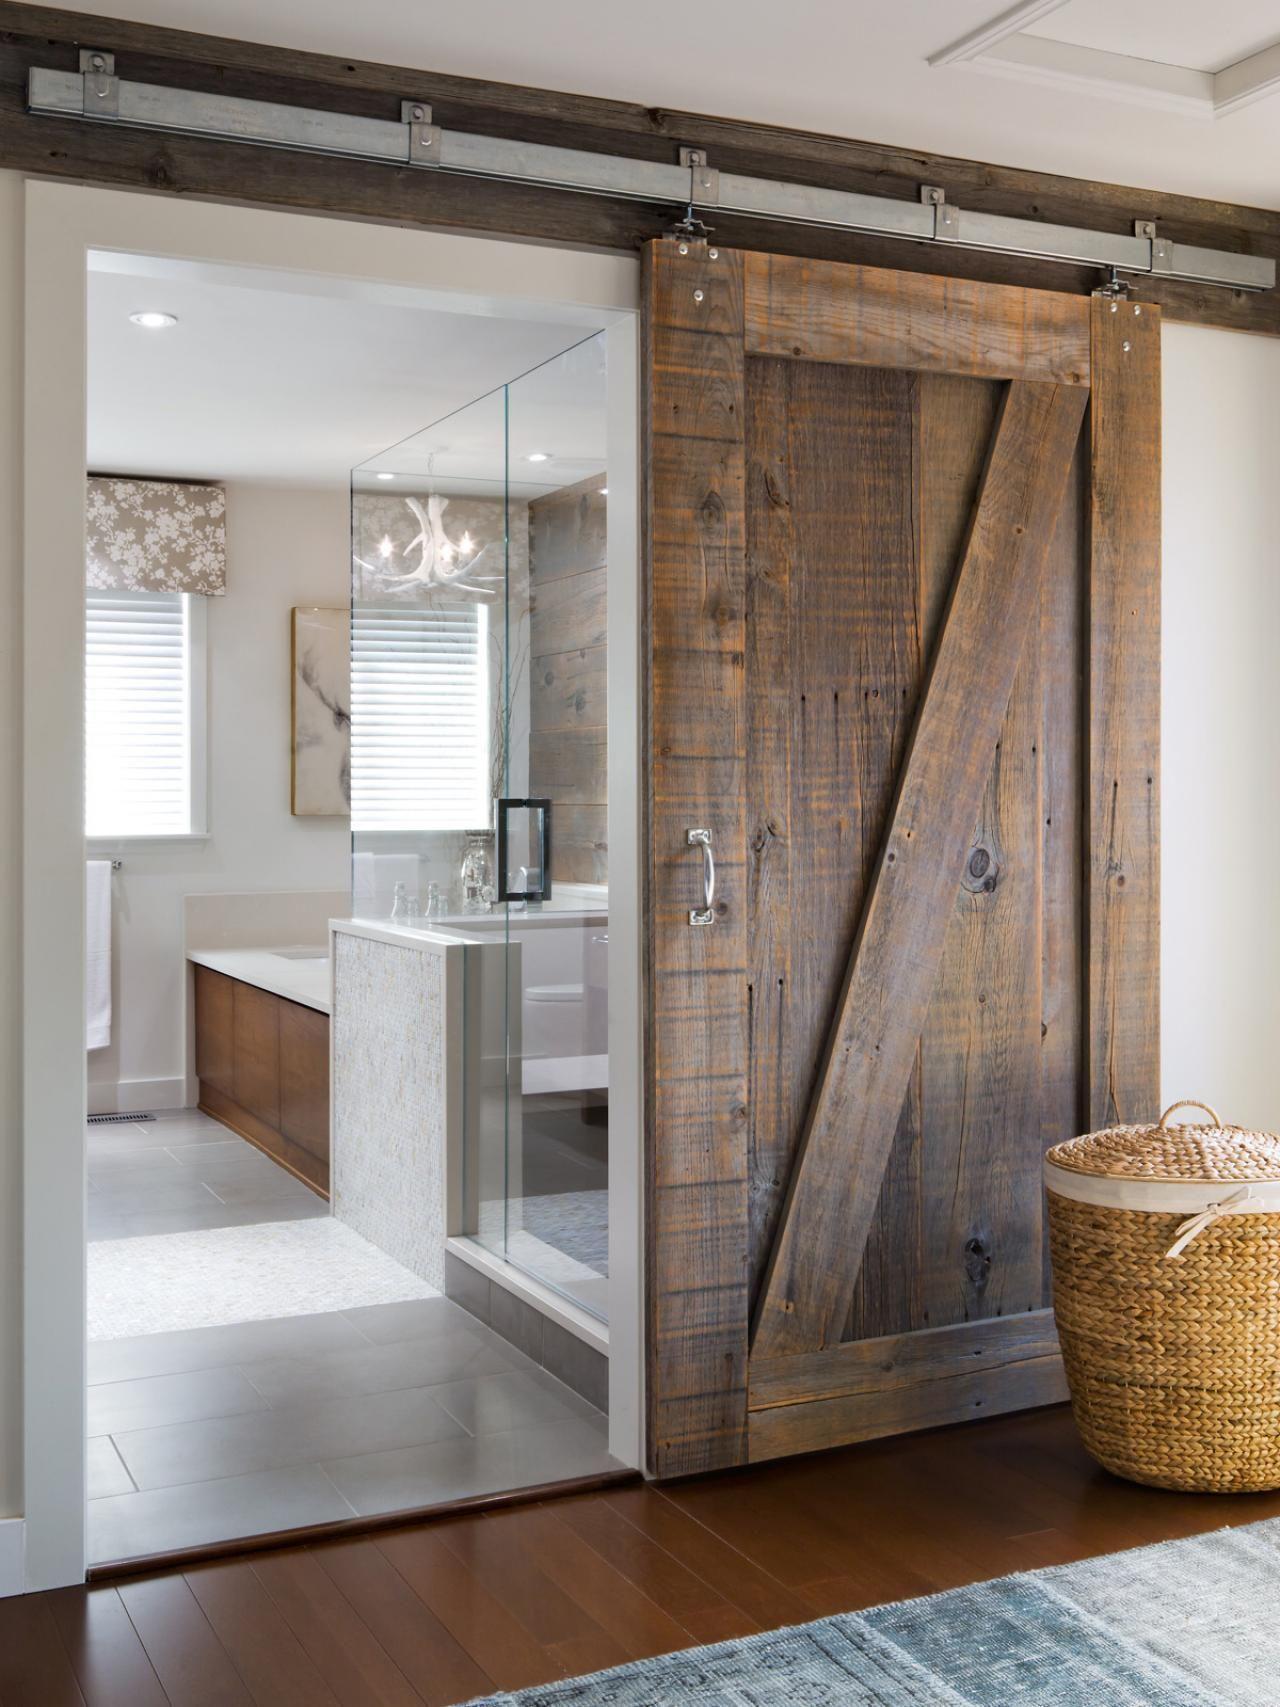 Diy sliding interior barn doors - Barn Door Design Ideas